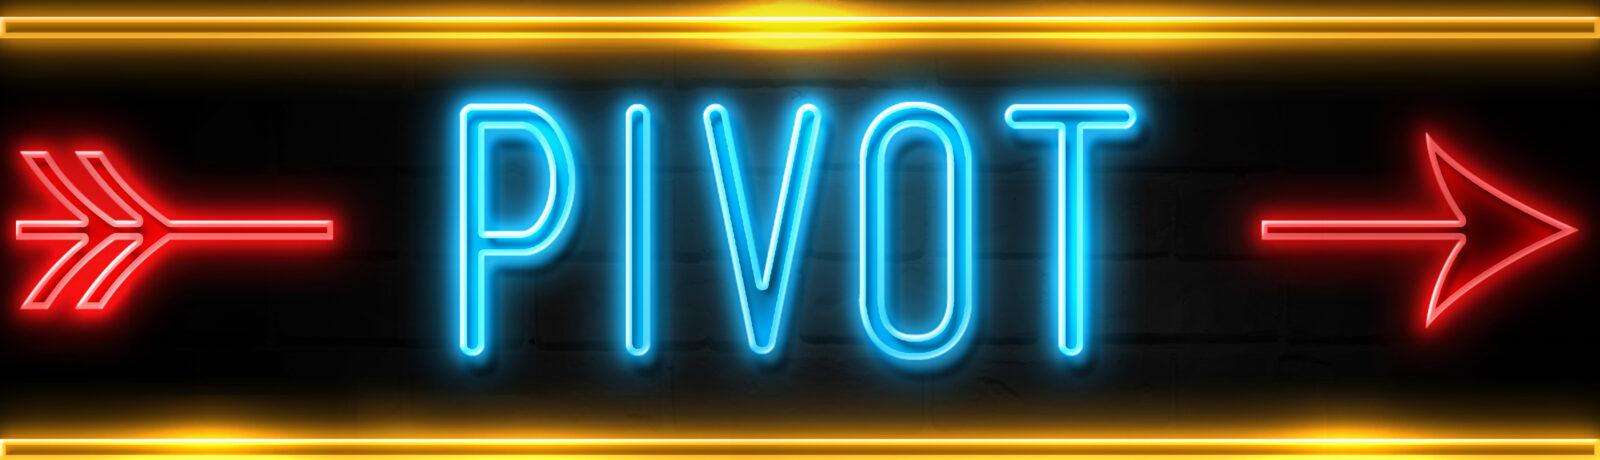 """""""Pivot"""" Neon Sign on brick wall"""